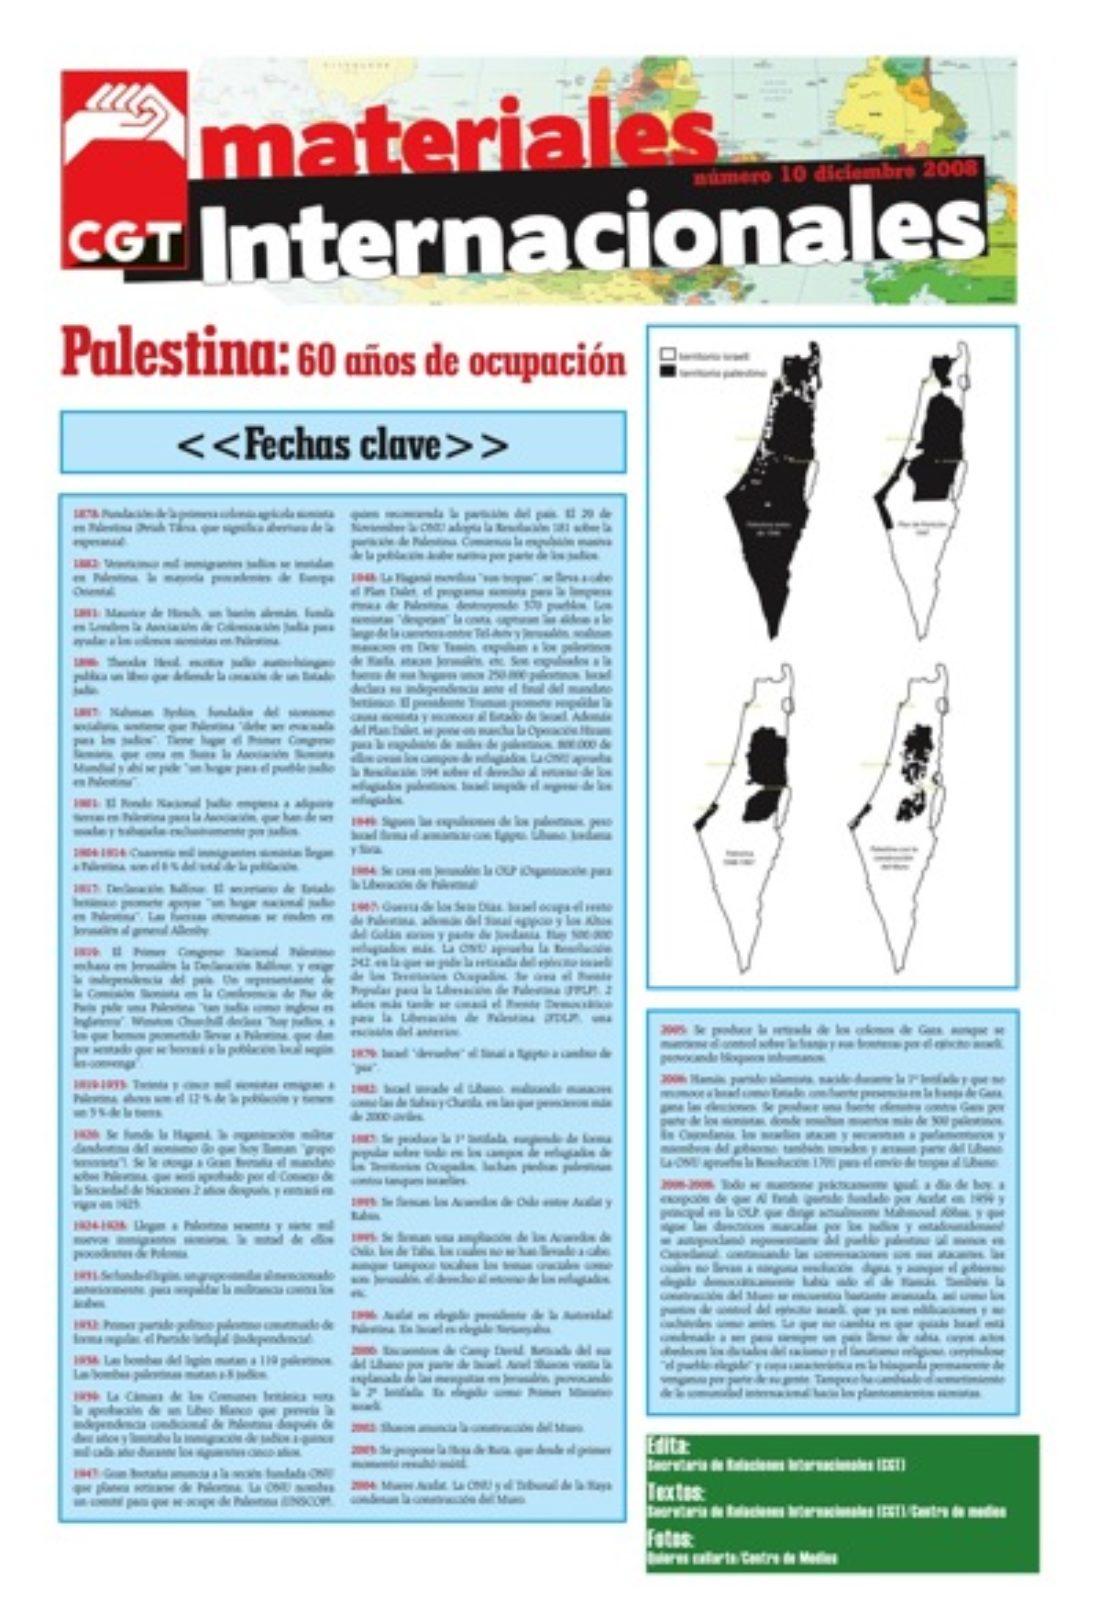 Materiales Internacionales 10: Palestina, 60 años de ocupación